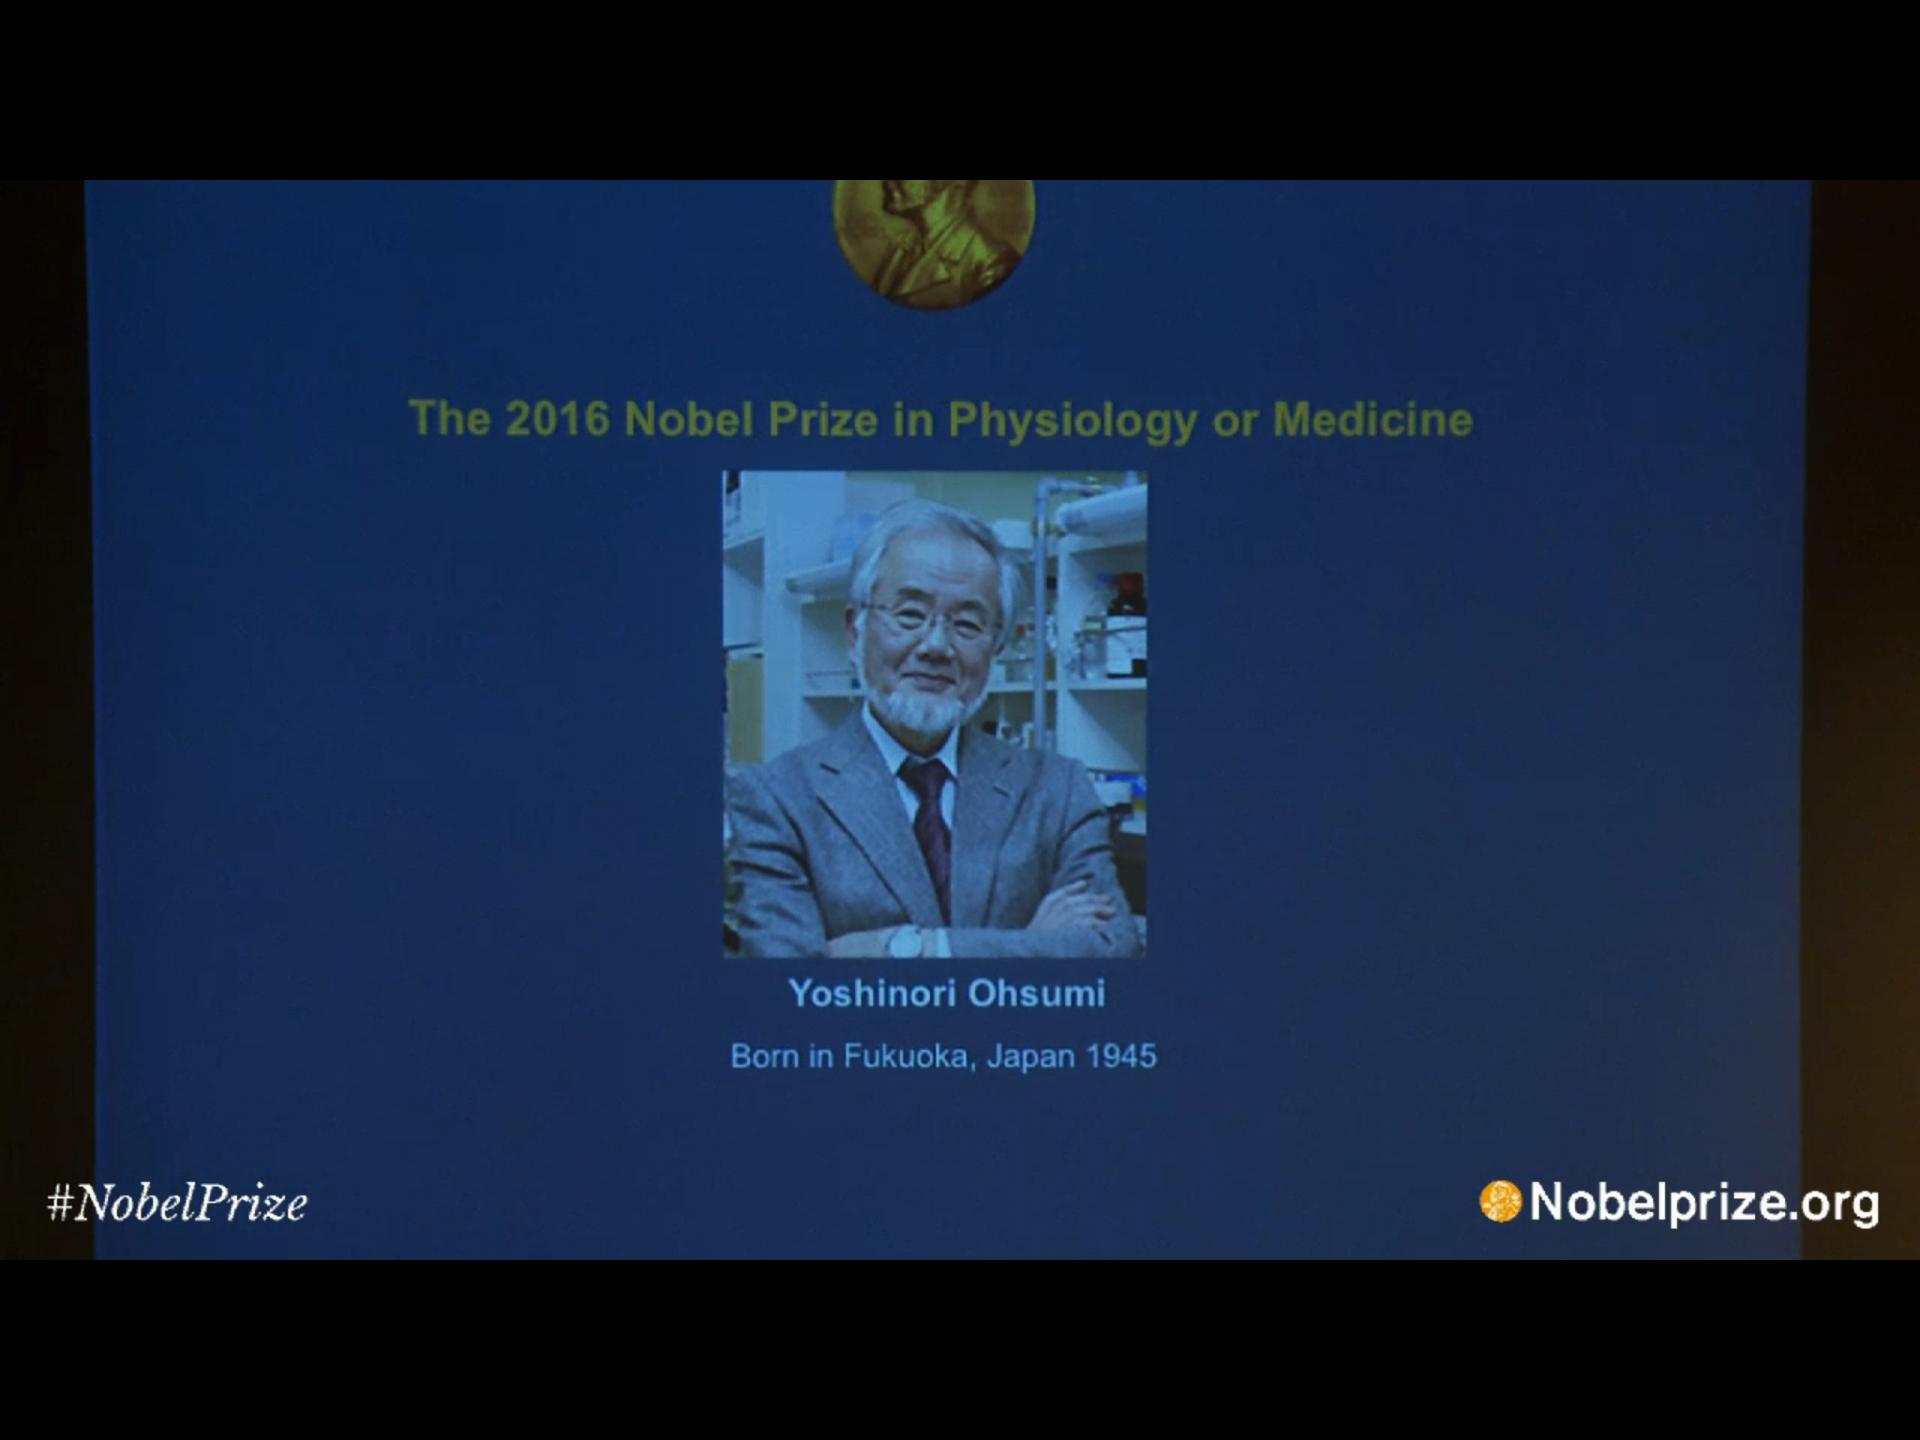 Первым лауреатом Нобелевской премии следующего года стал профессор изЯпонии